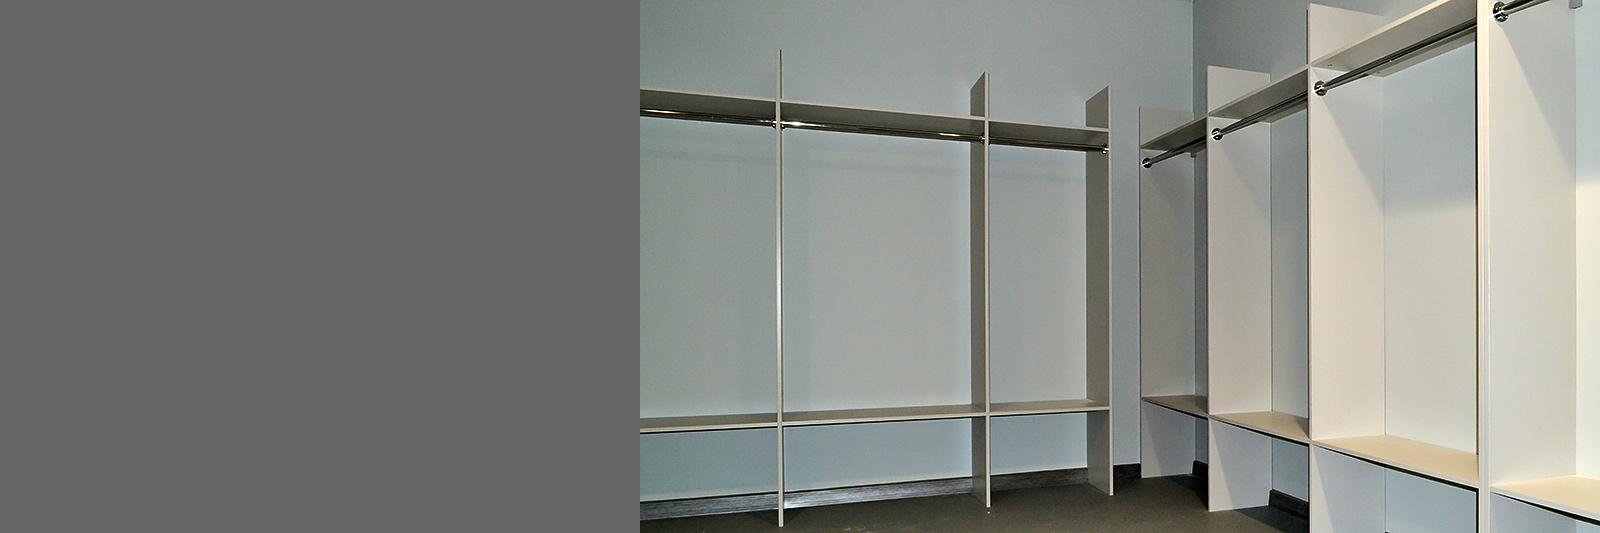 Мебель для гардеробной в офис на заказ